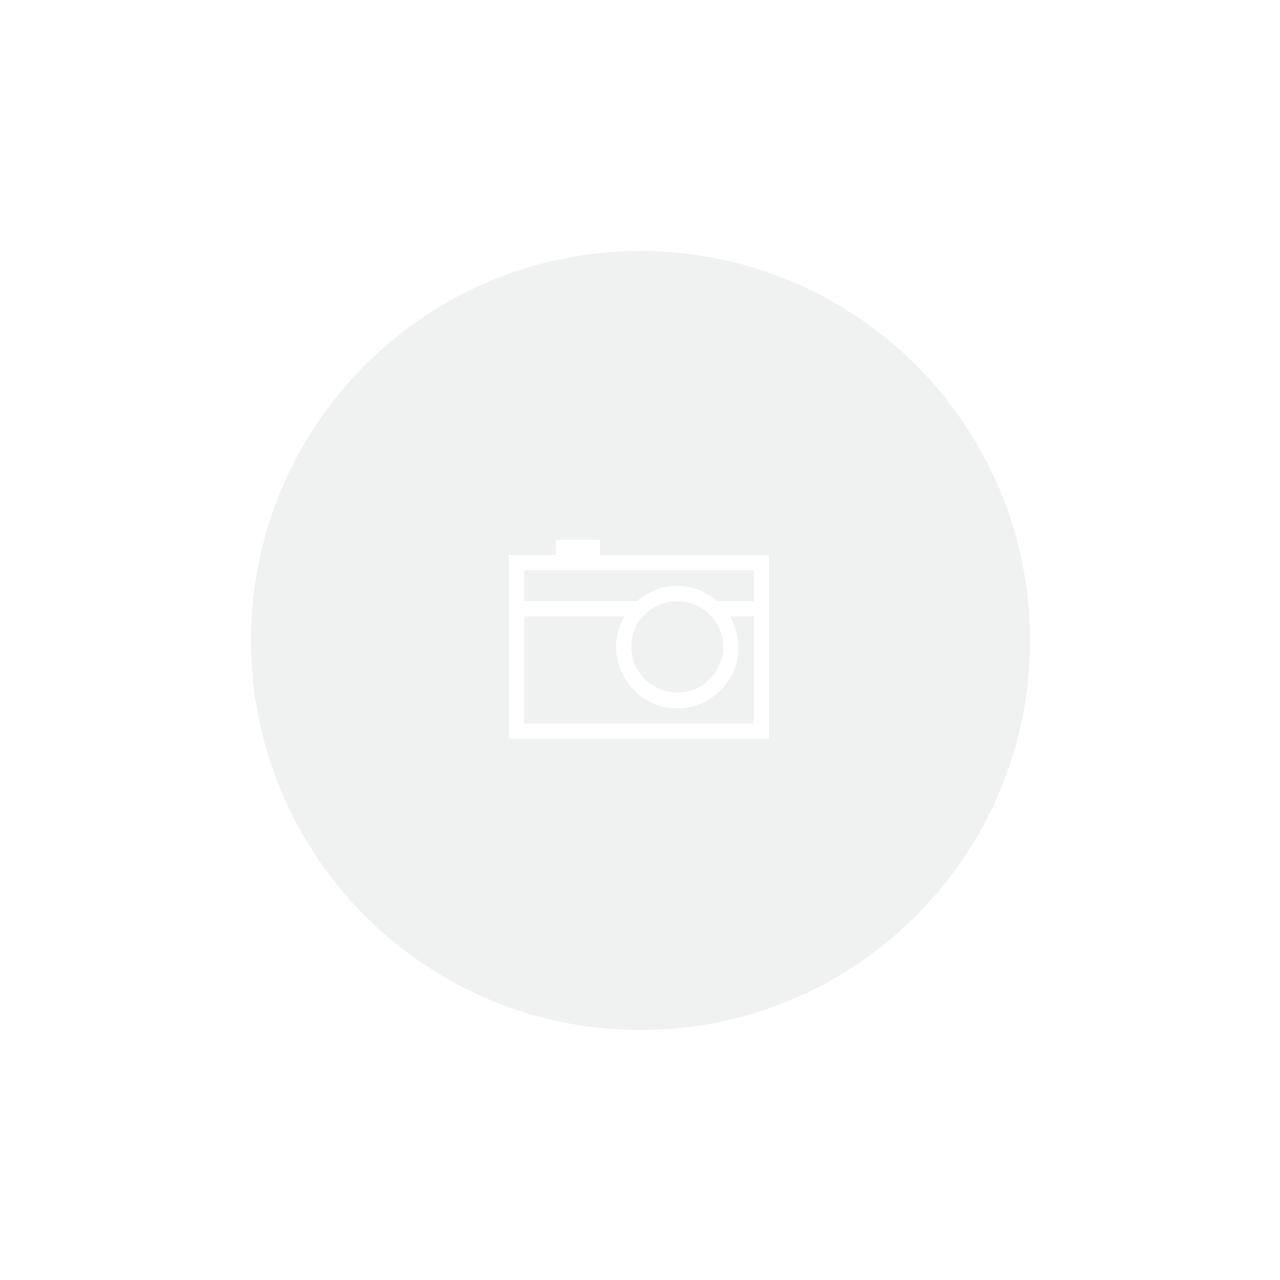 CARAMANHOLA 550ML ELITE OMBRA GIRO DITALIA OFICIAL - OGIGINAL